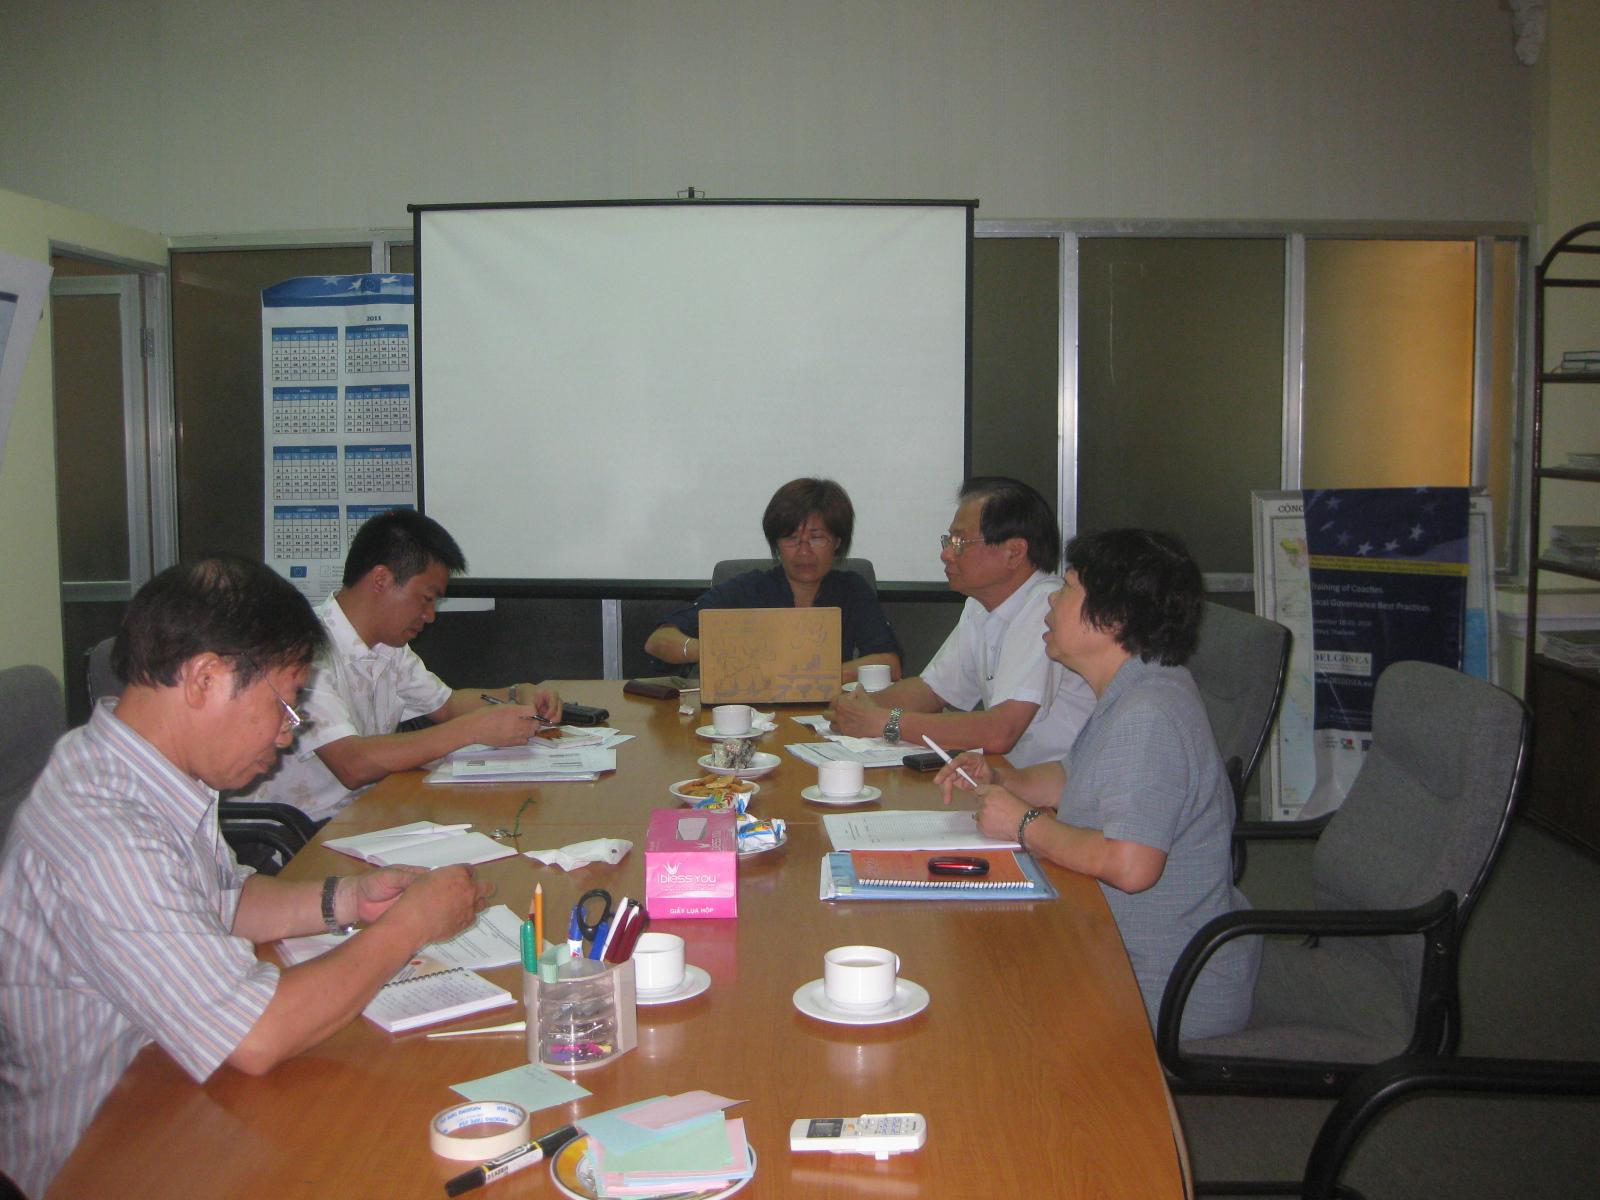 Họp Ban Quản lý Quỹ PTCĐ Quốc gia, chương trình ACCA và Dự án Cities Alliance